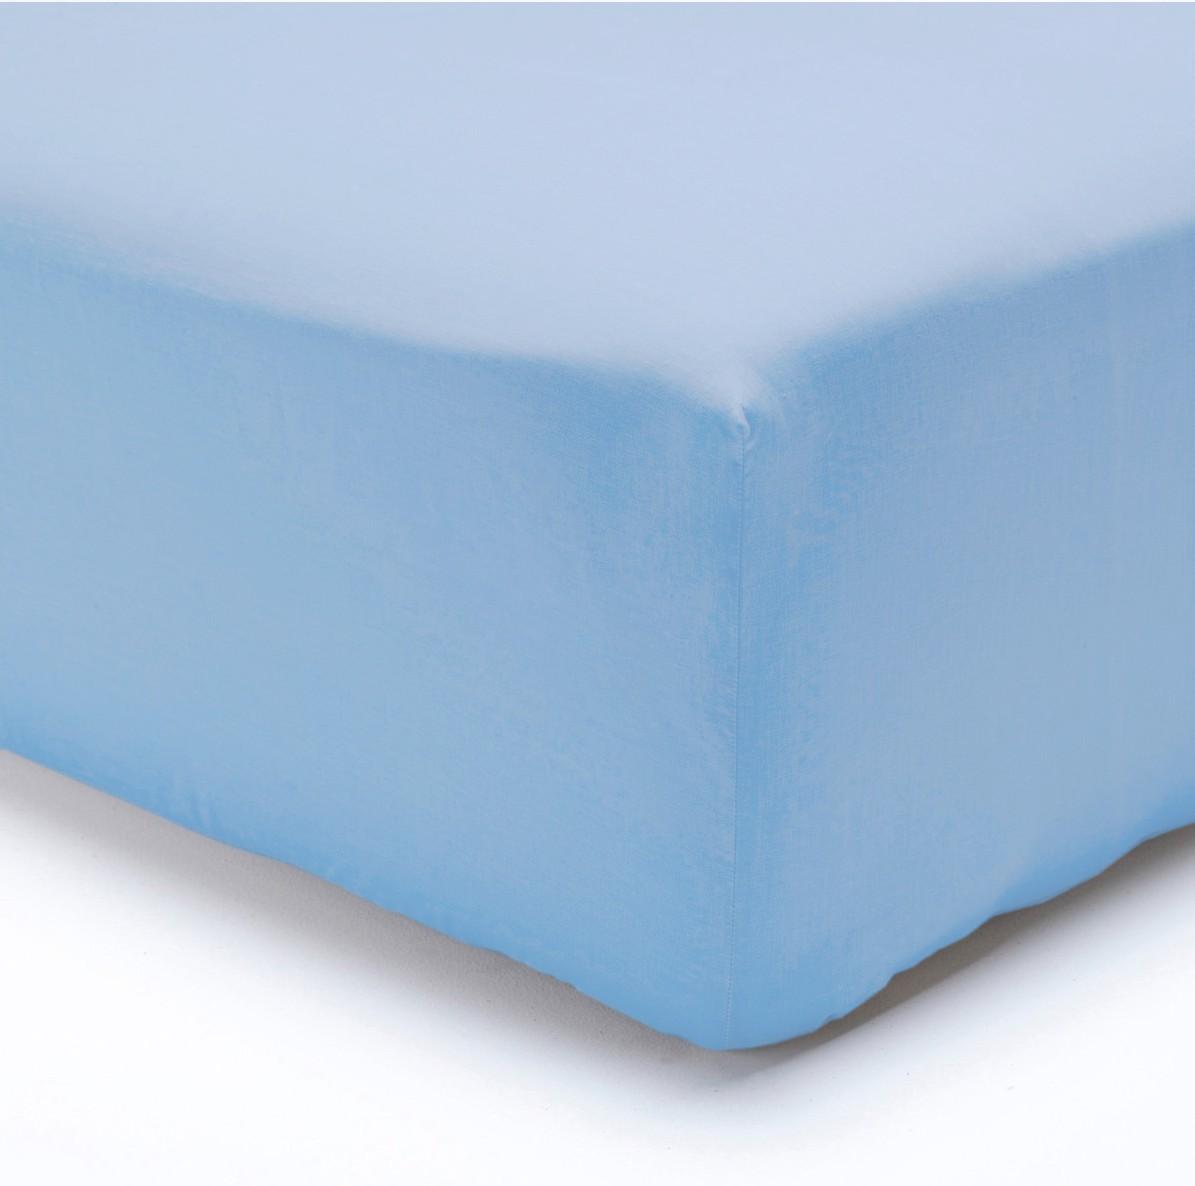 Polášek jersey prostěradlo 70x160cm, světle modré